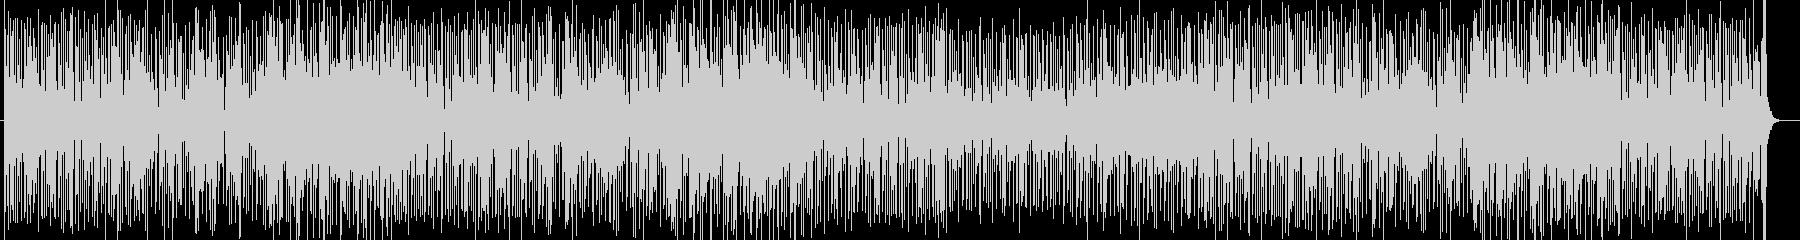 跳ねるピアノメインのイージーリスニング曲の未再生の波形